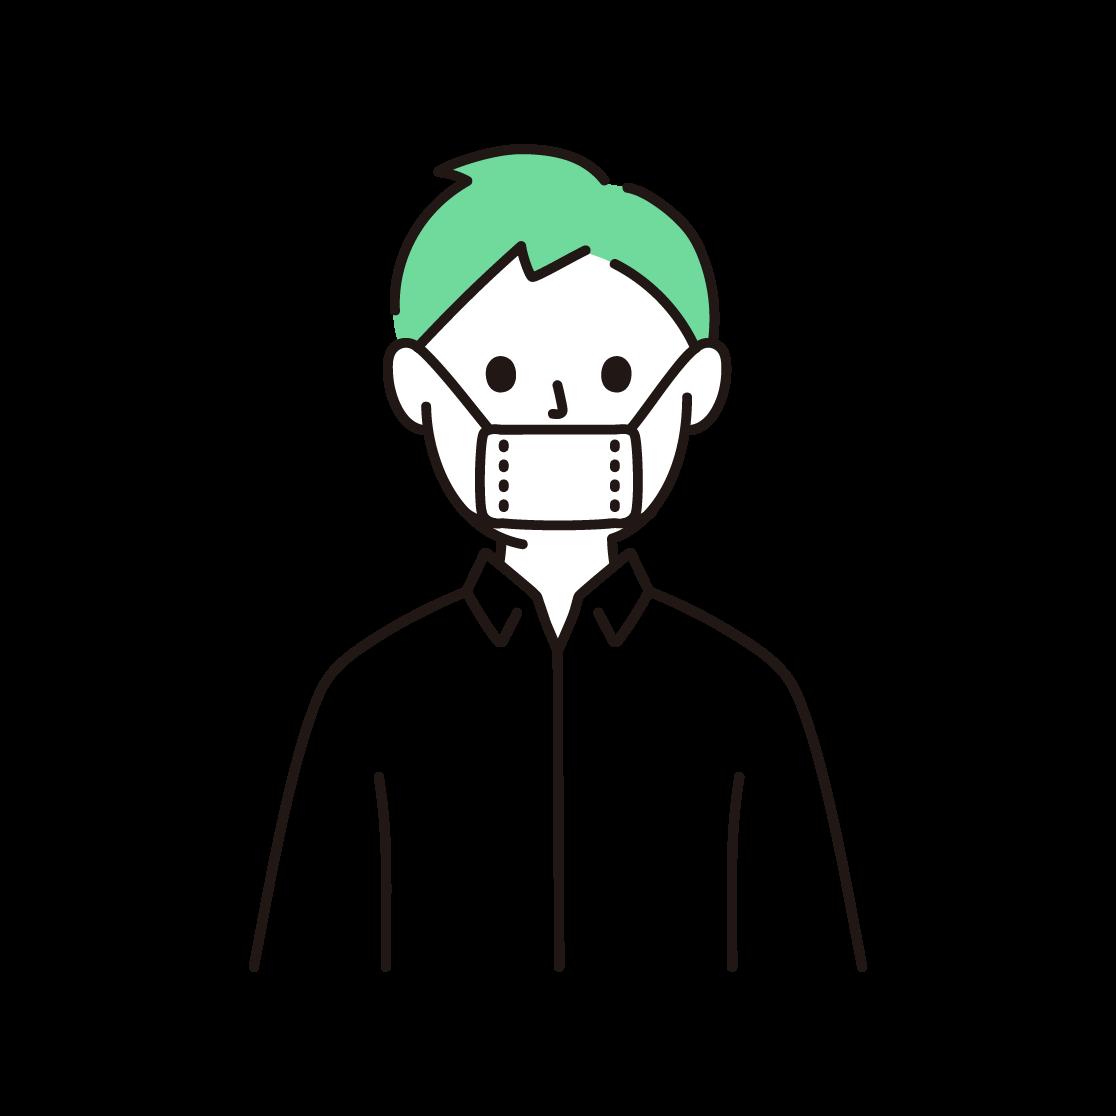 マスクから鼻が出てしまっている人の単色イラスト